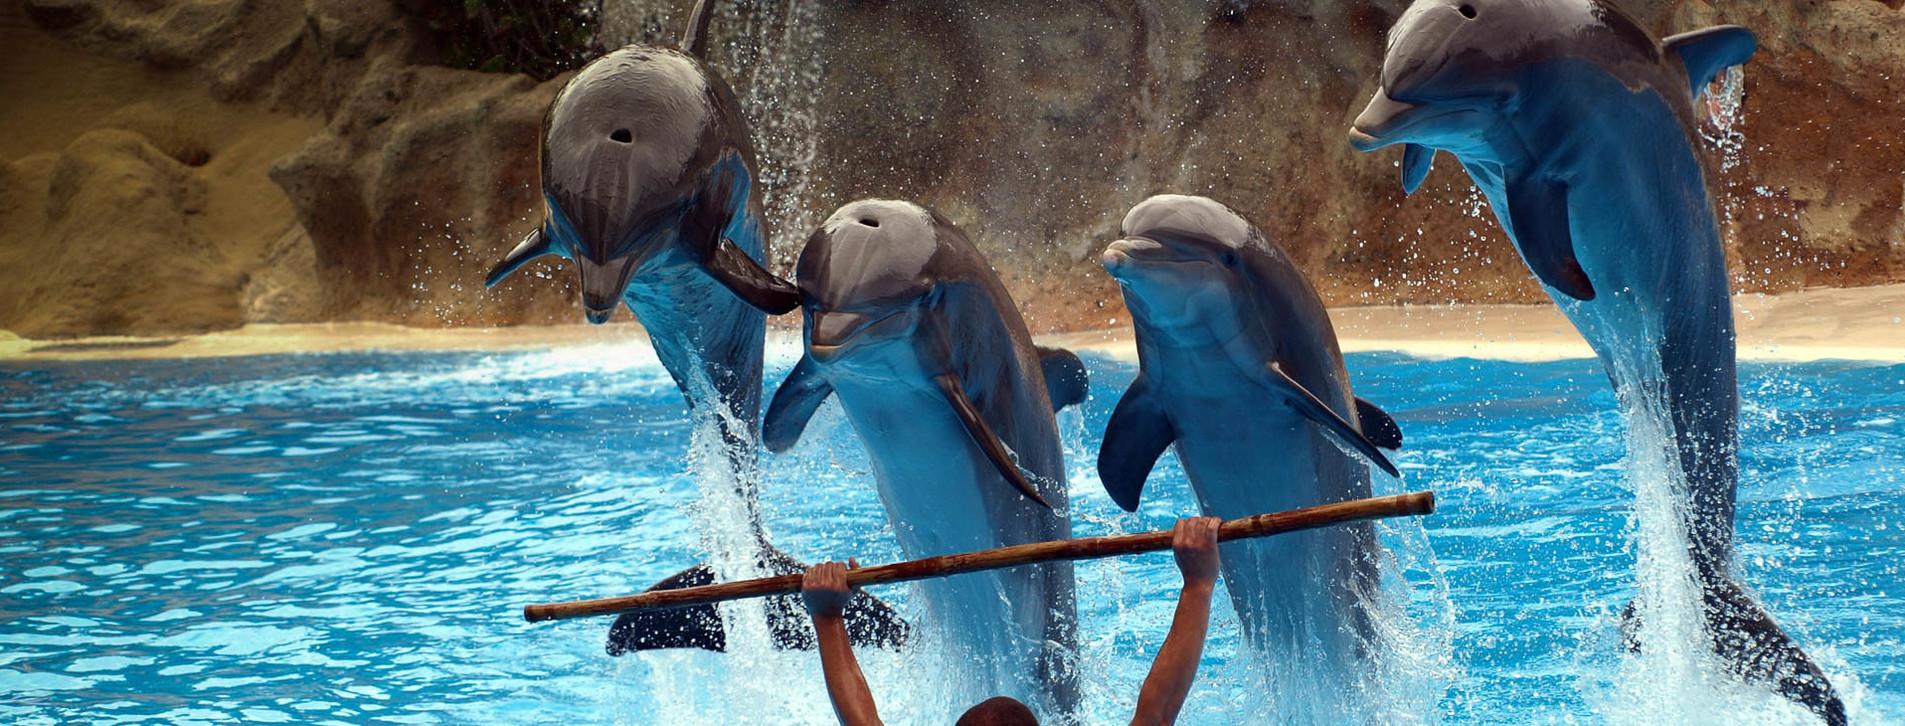 Фото 1 - Дельфинарий НЕМО для компании